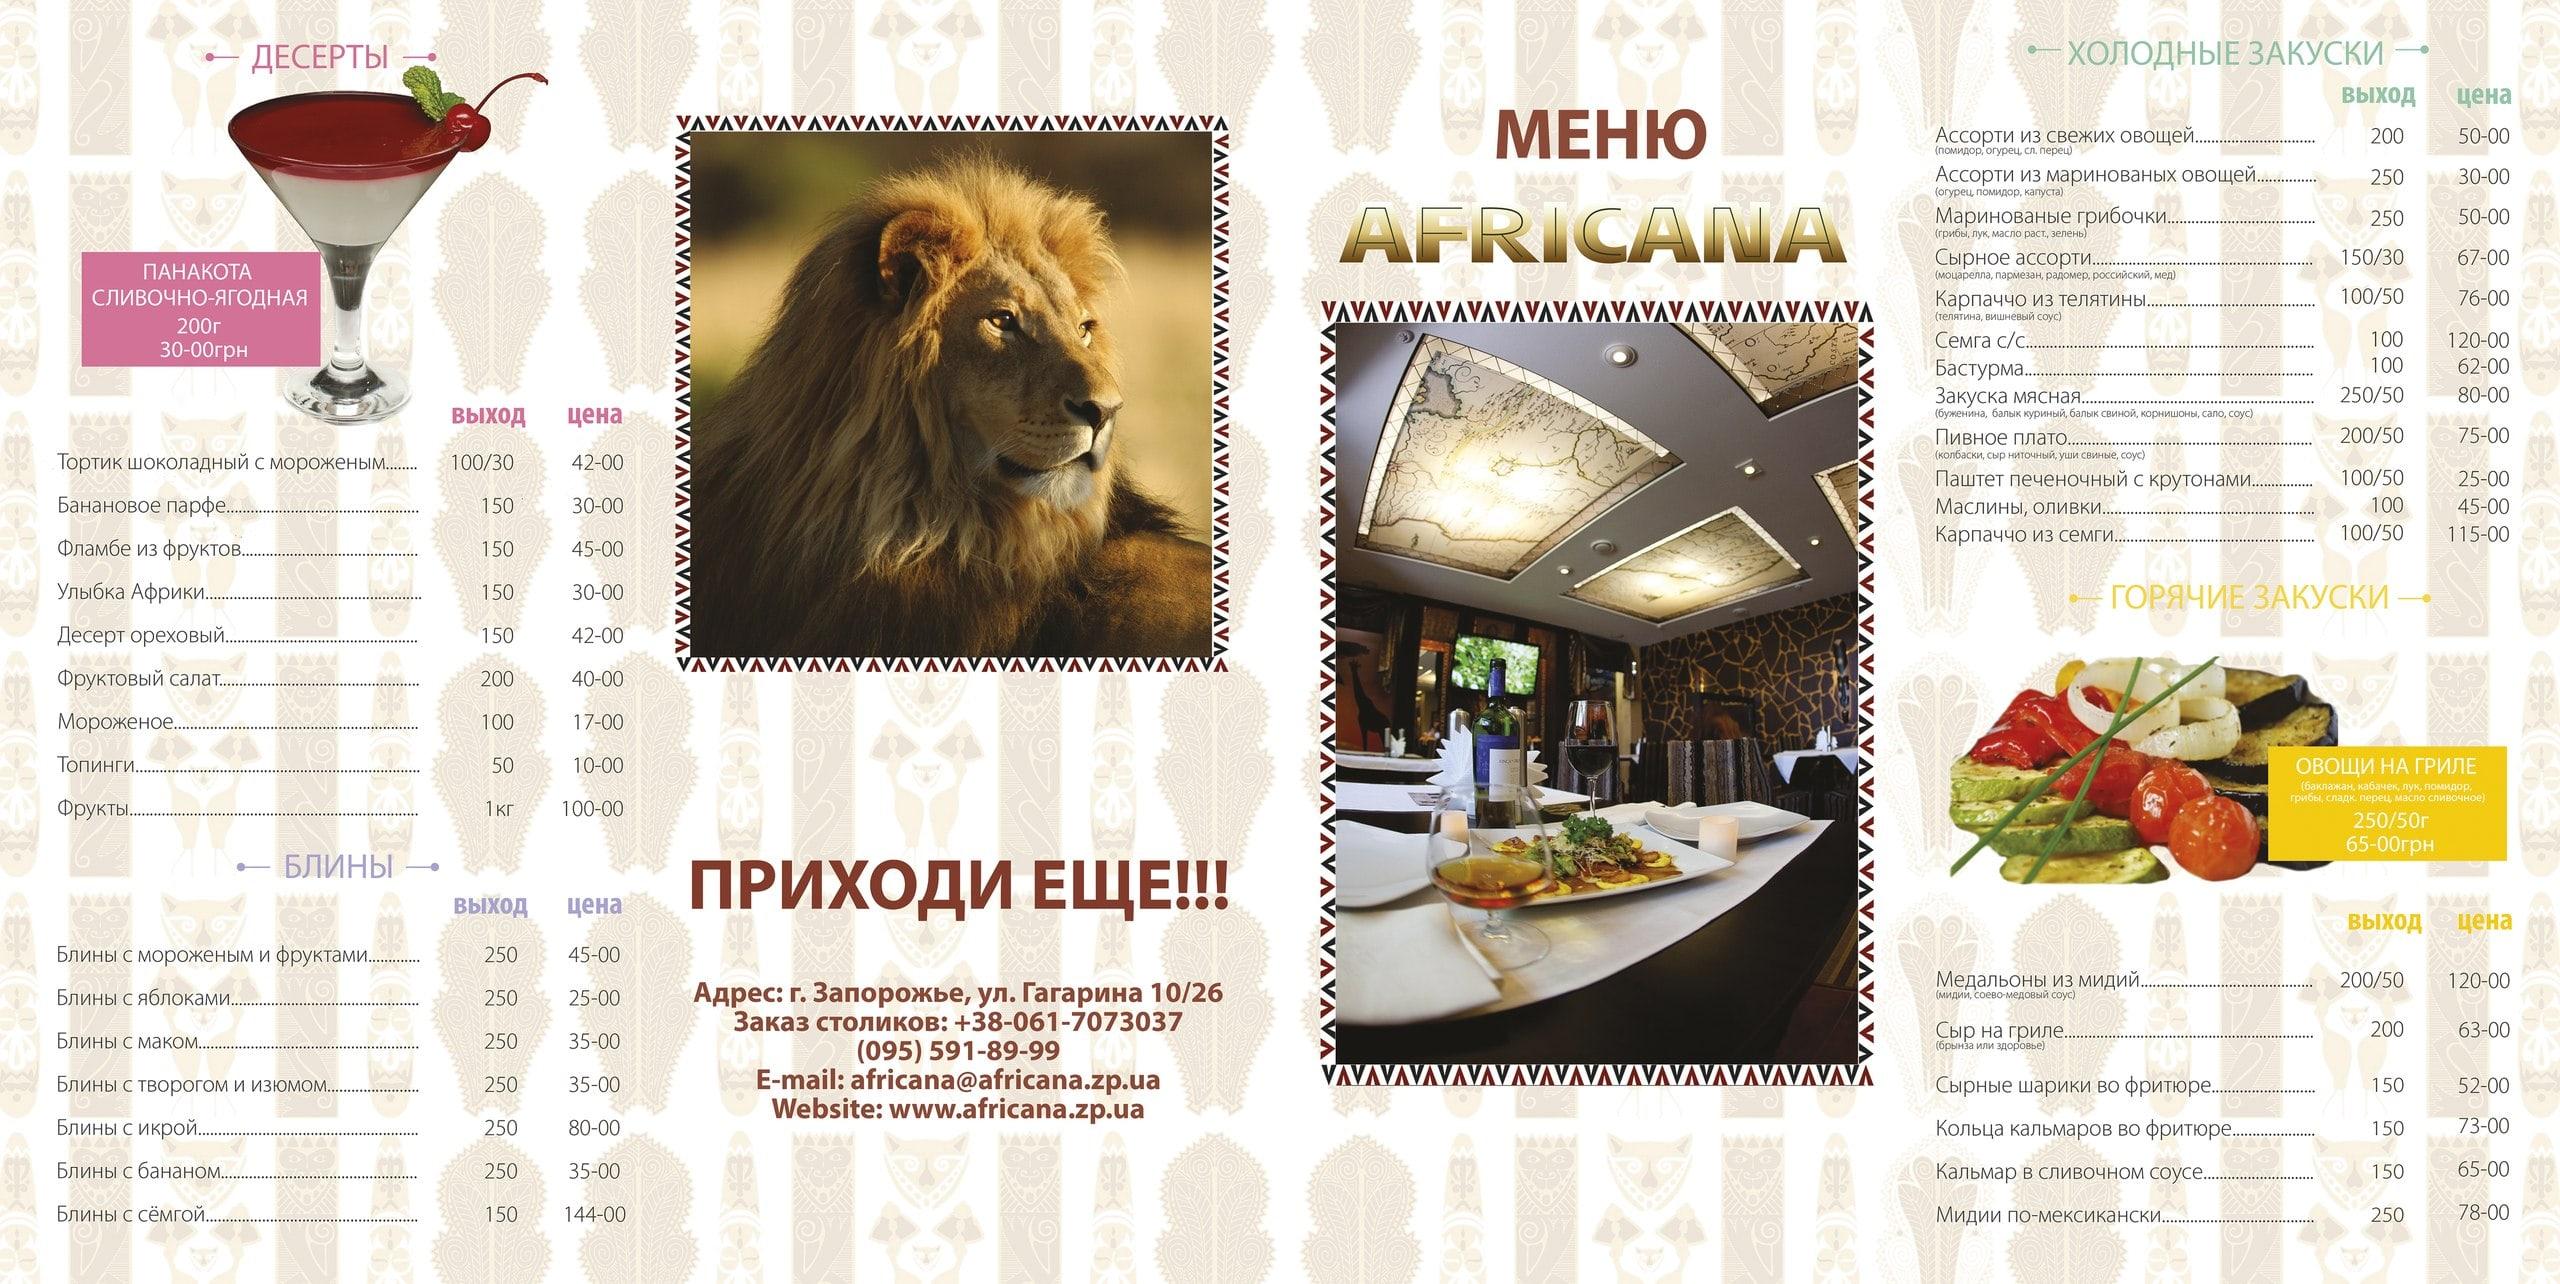 Меню Африкана Запорожье